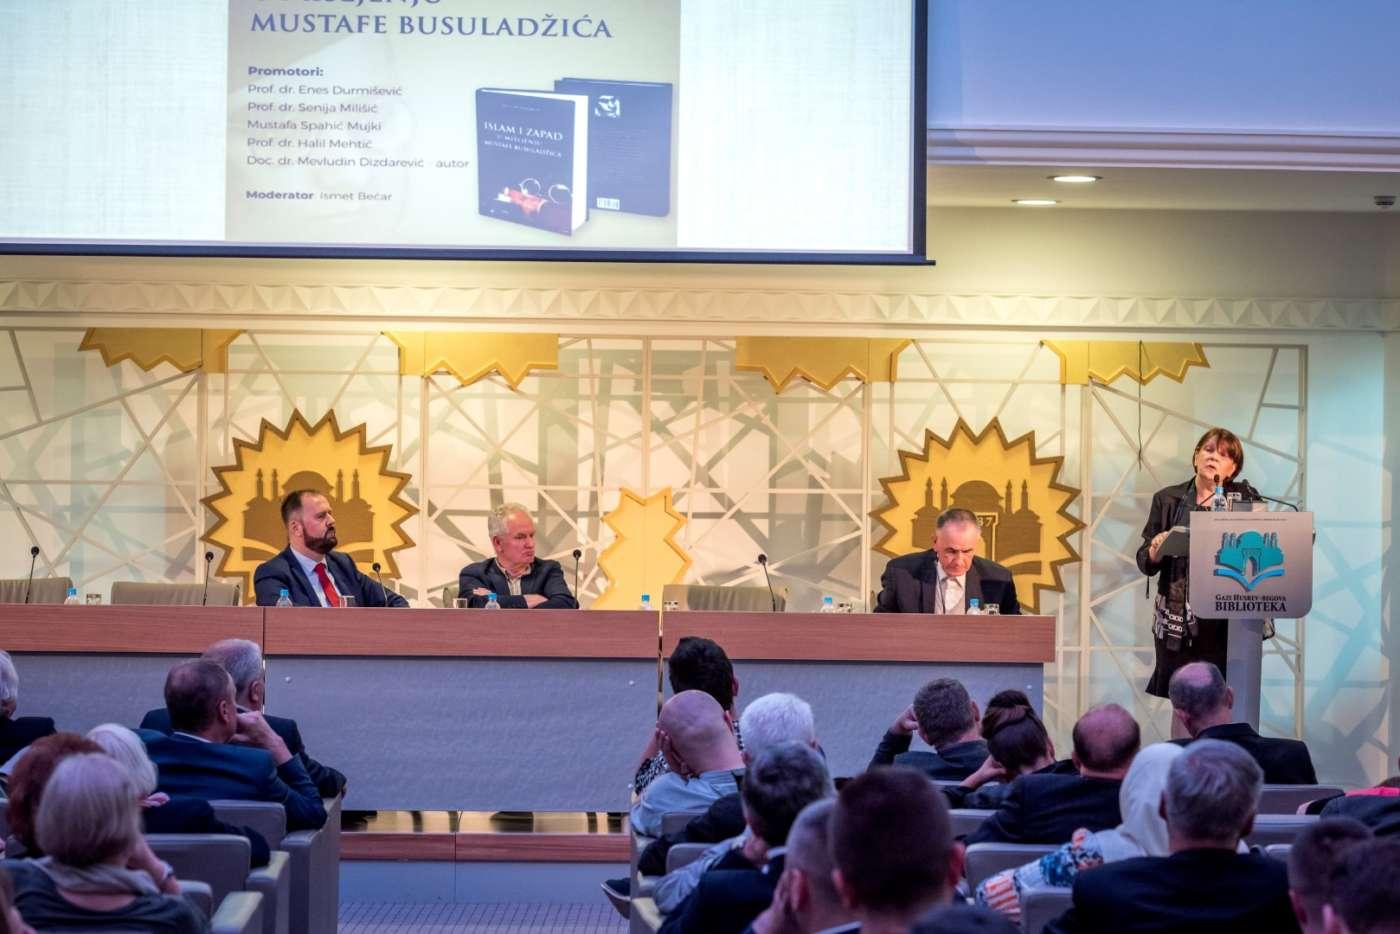 Mujki: Ako je Mustafa Busuladžić bio antisemit ja sam Hitler i Mussolini istovremeno